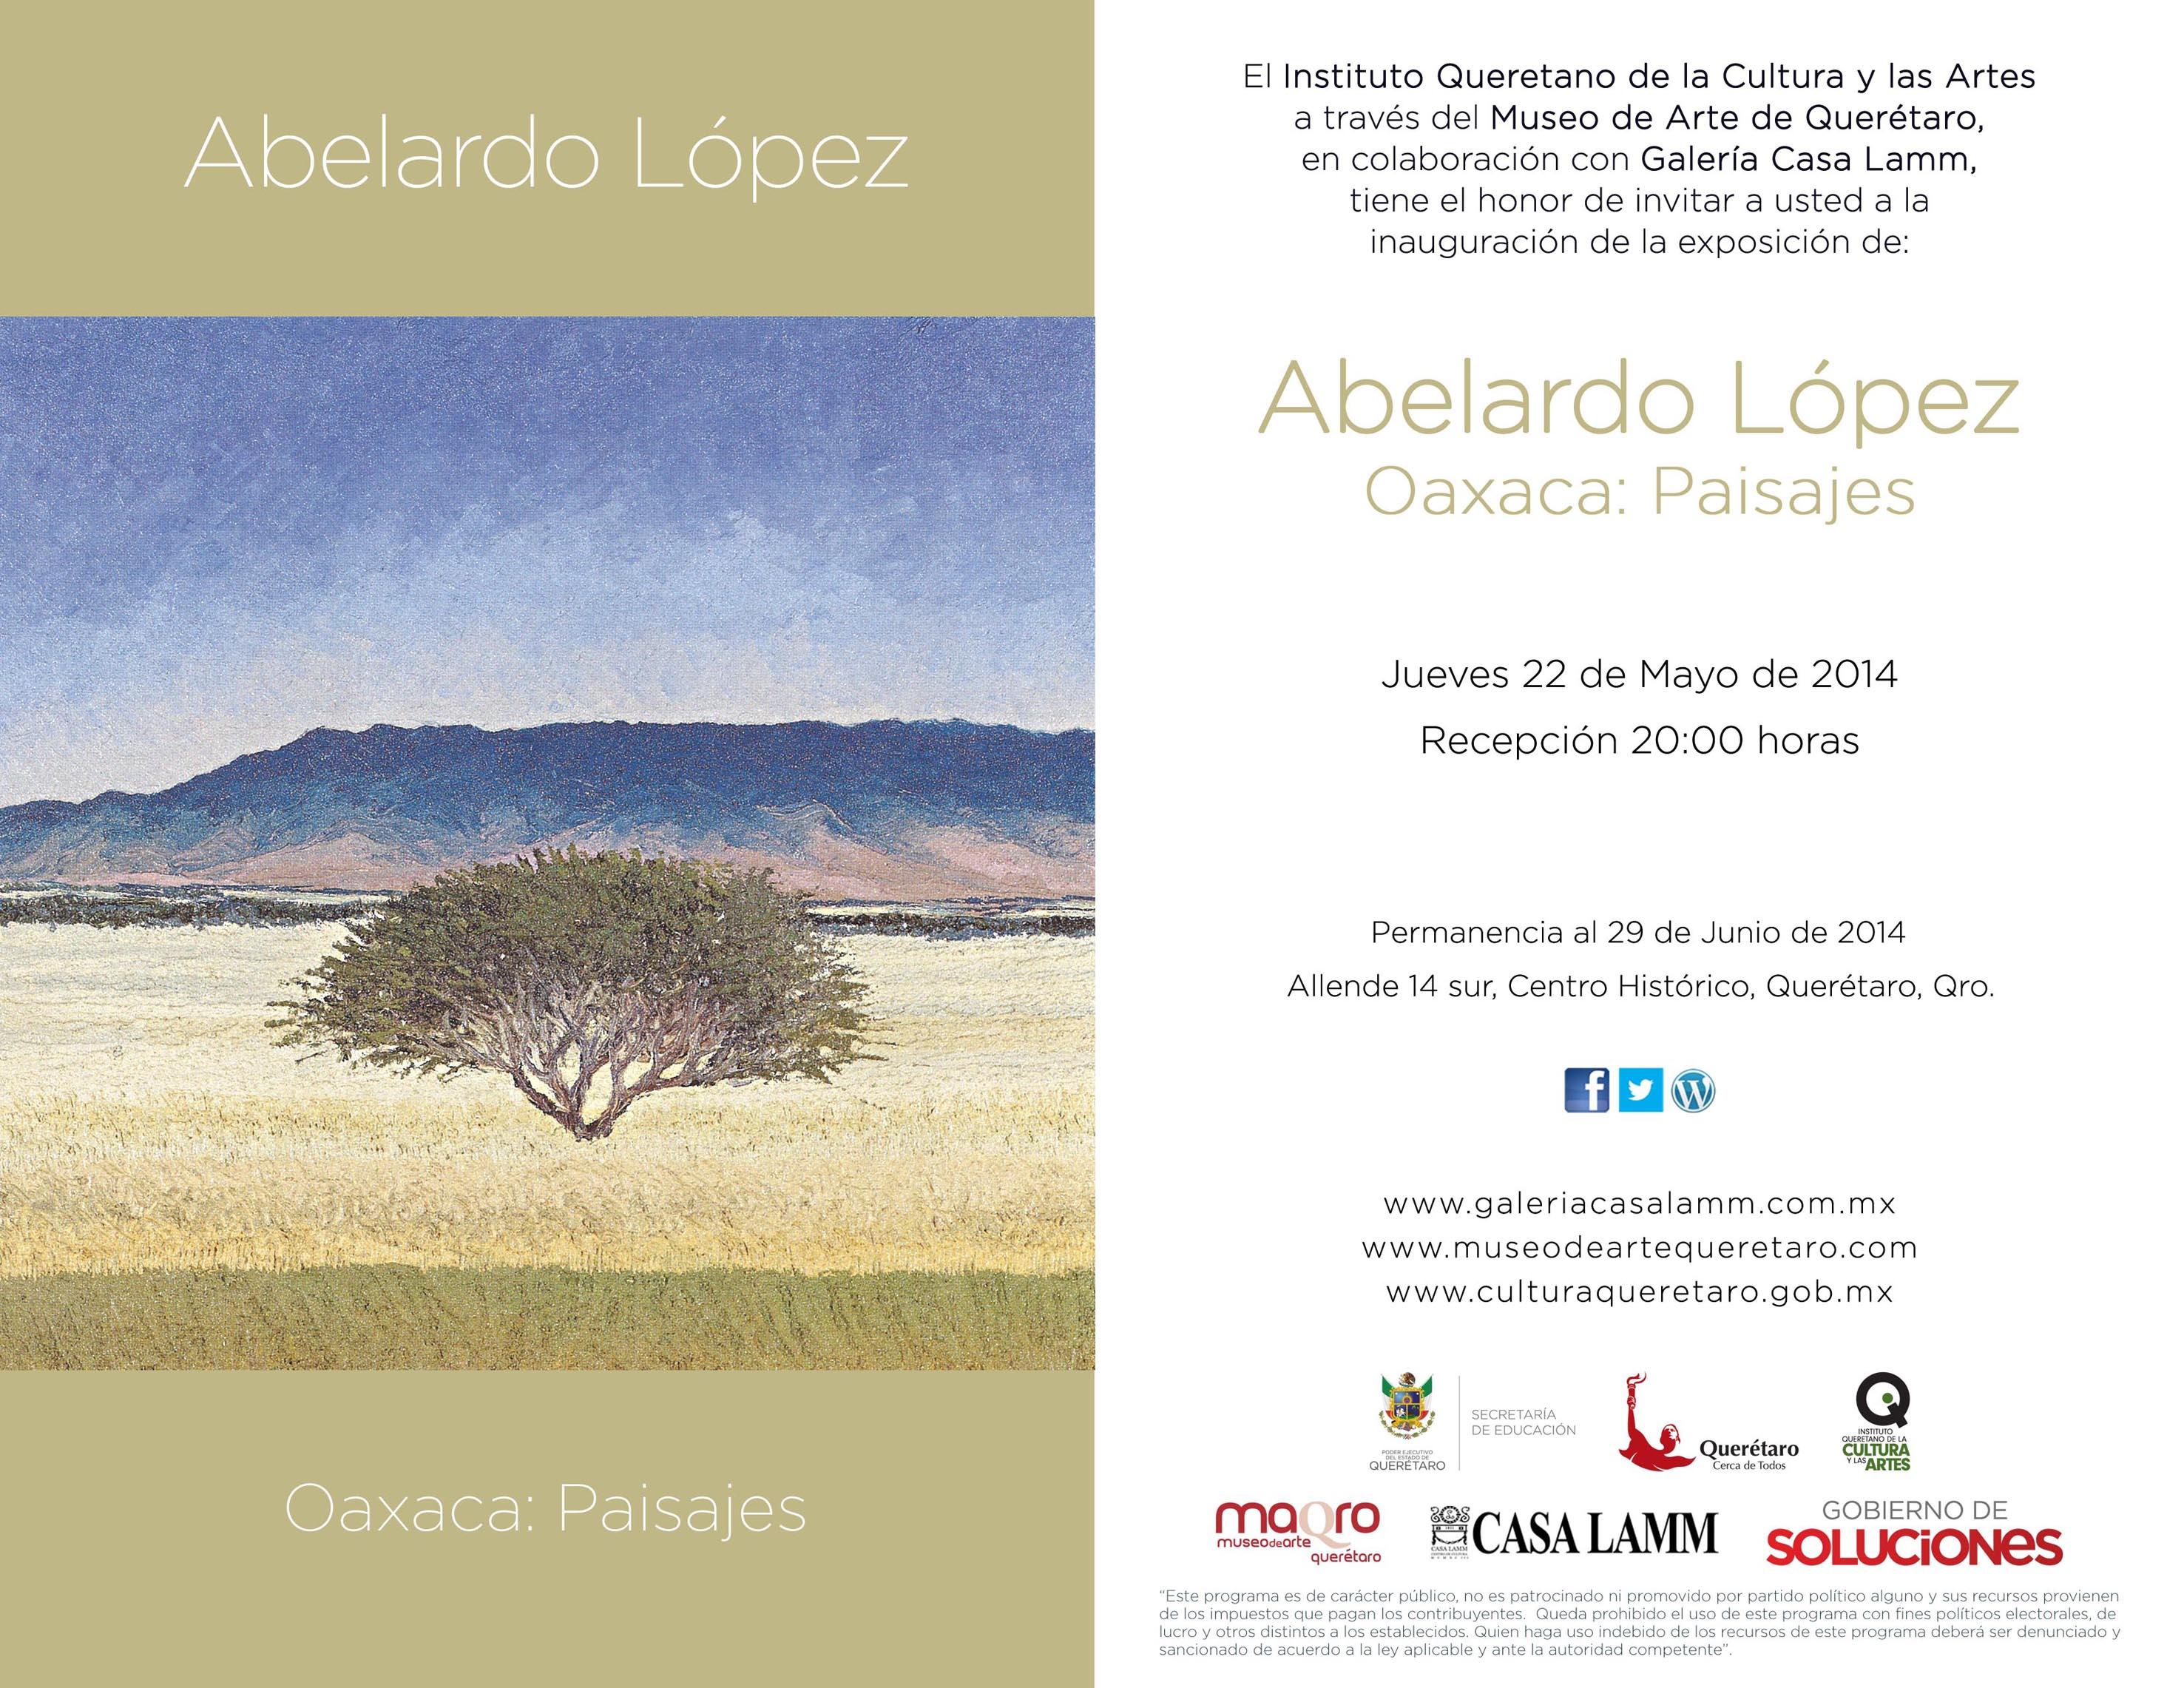 Oaxaca: Paisajes – Exposición de Abelardo López